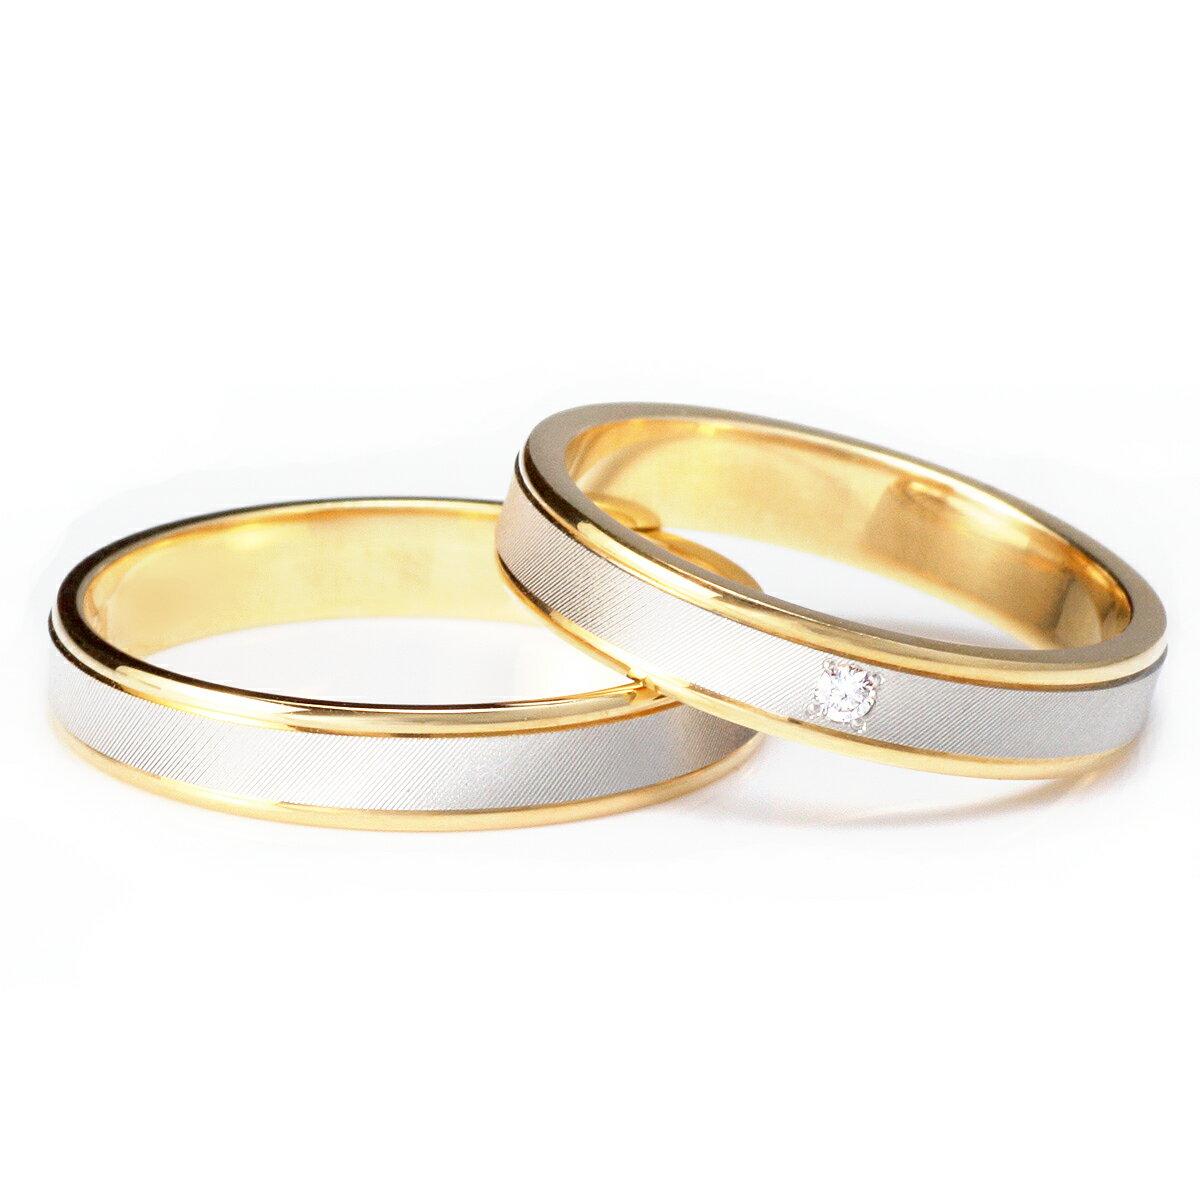 ゴールド プラチナ ダイヤモンド ペアリング シンプル 結婚指輪 マリッジリング 18金 2本セット 【楽ギフ_包装】